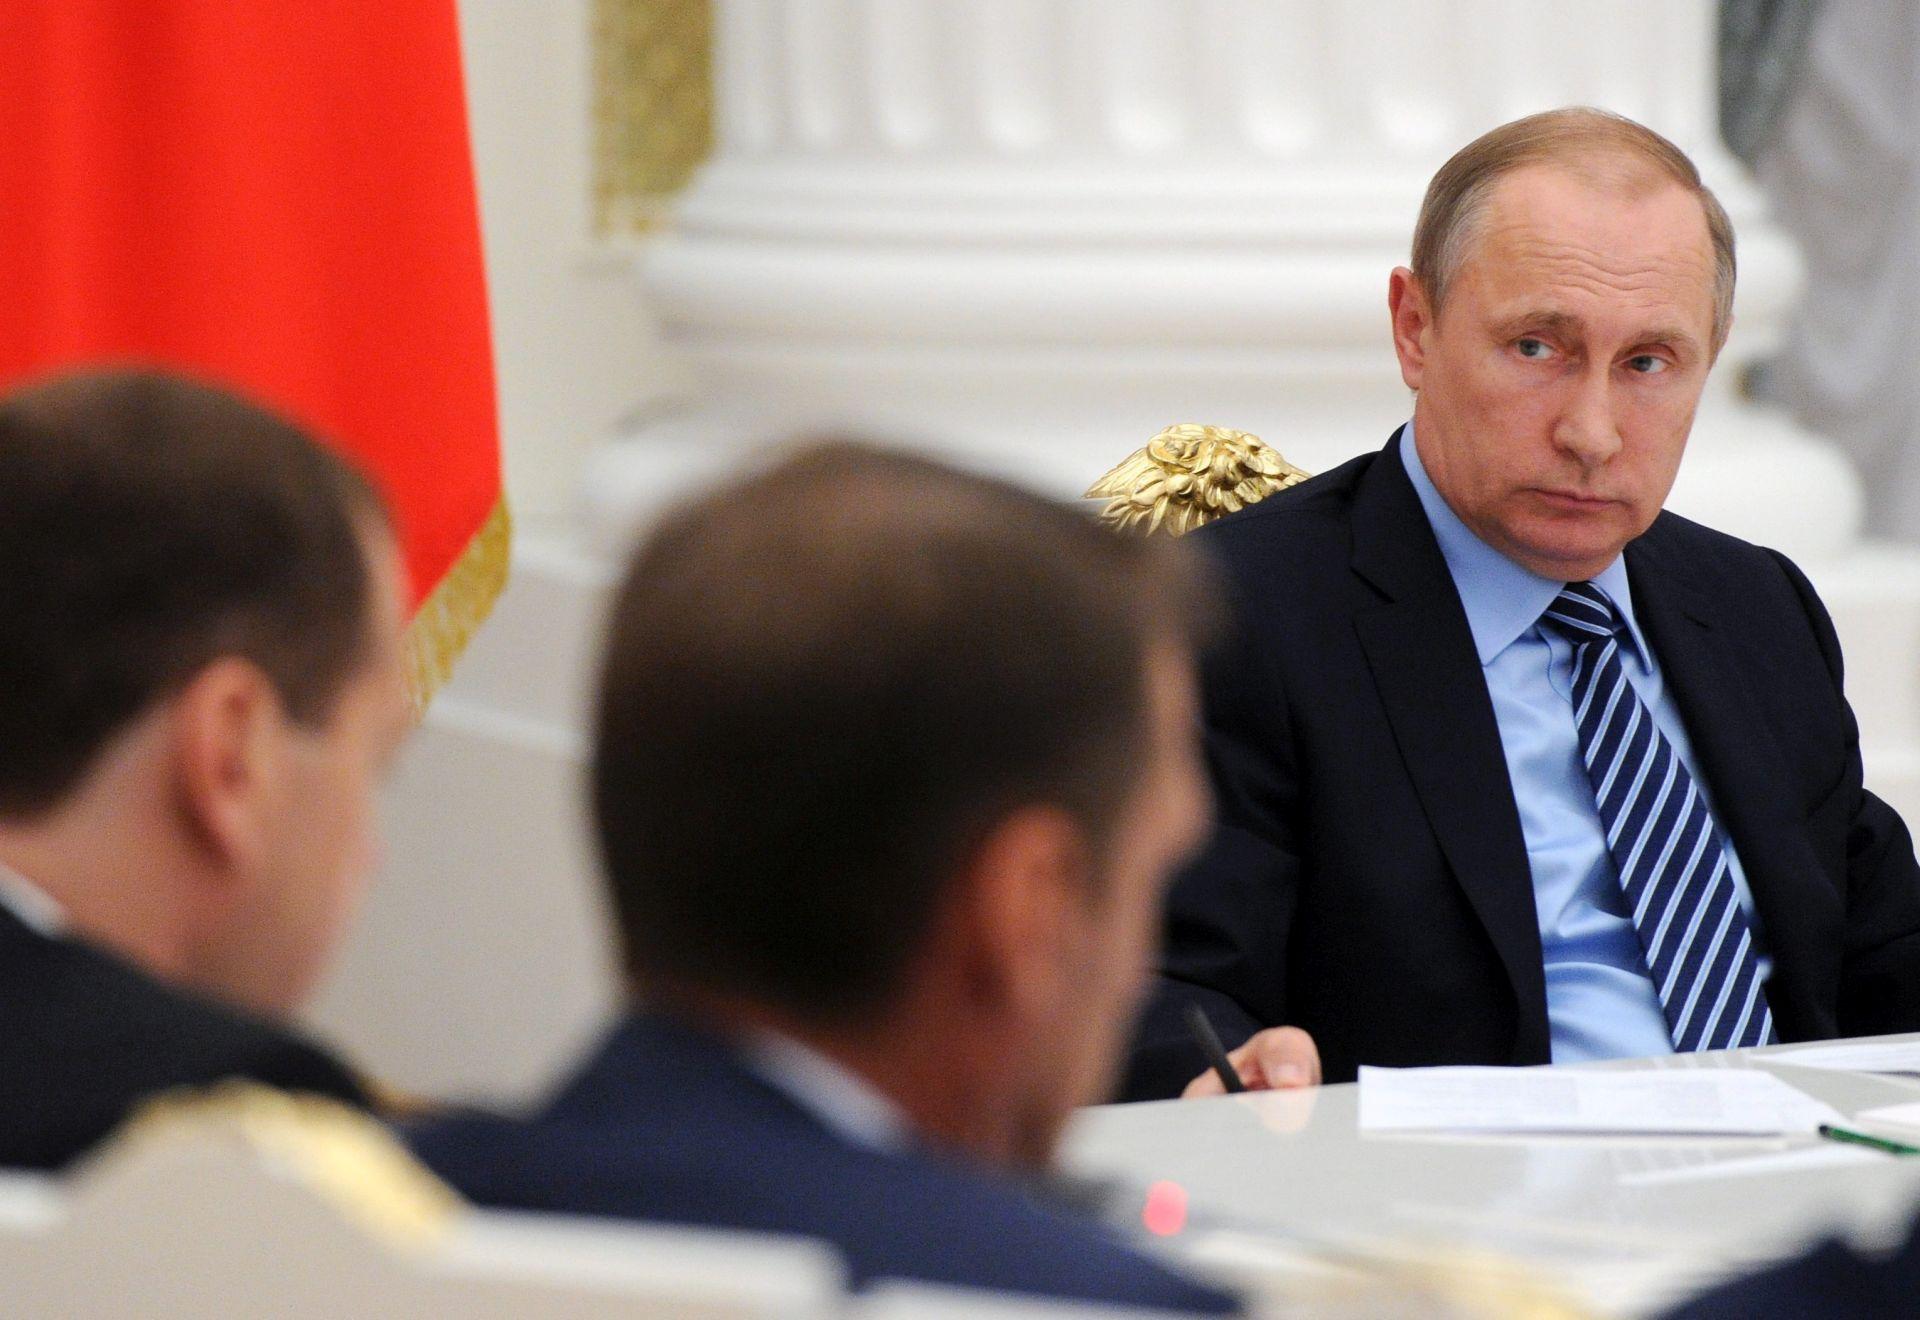 NAKON SUMMITA NATO-a: Hollande, Merkel i Putin razgovarali o Ukrajini